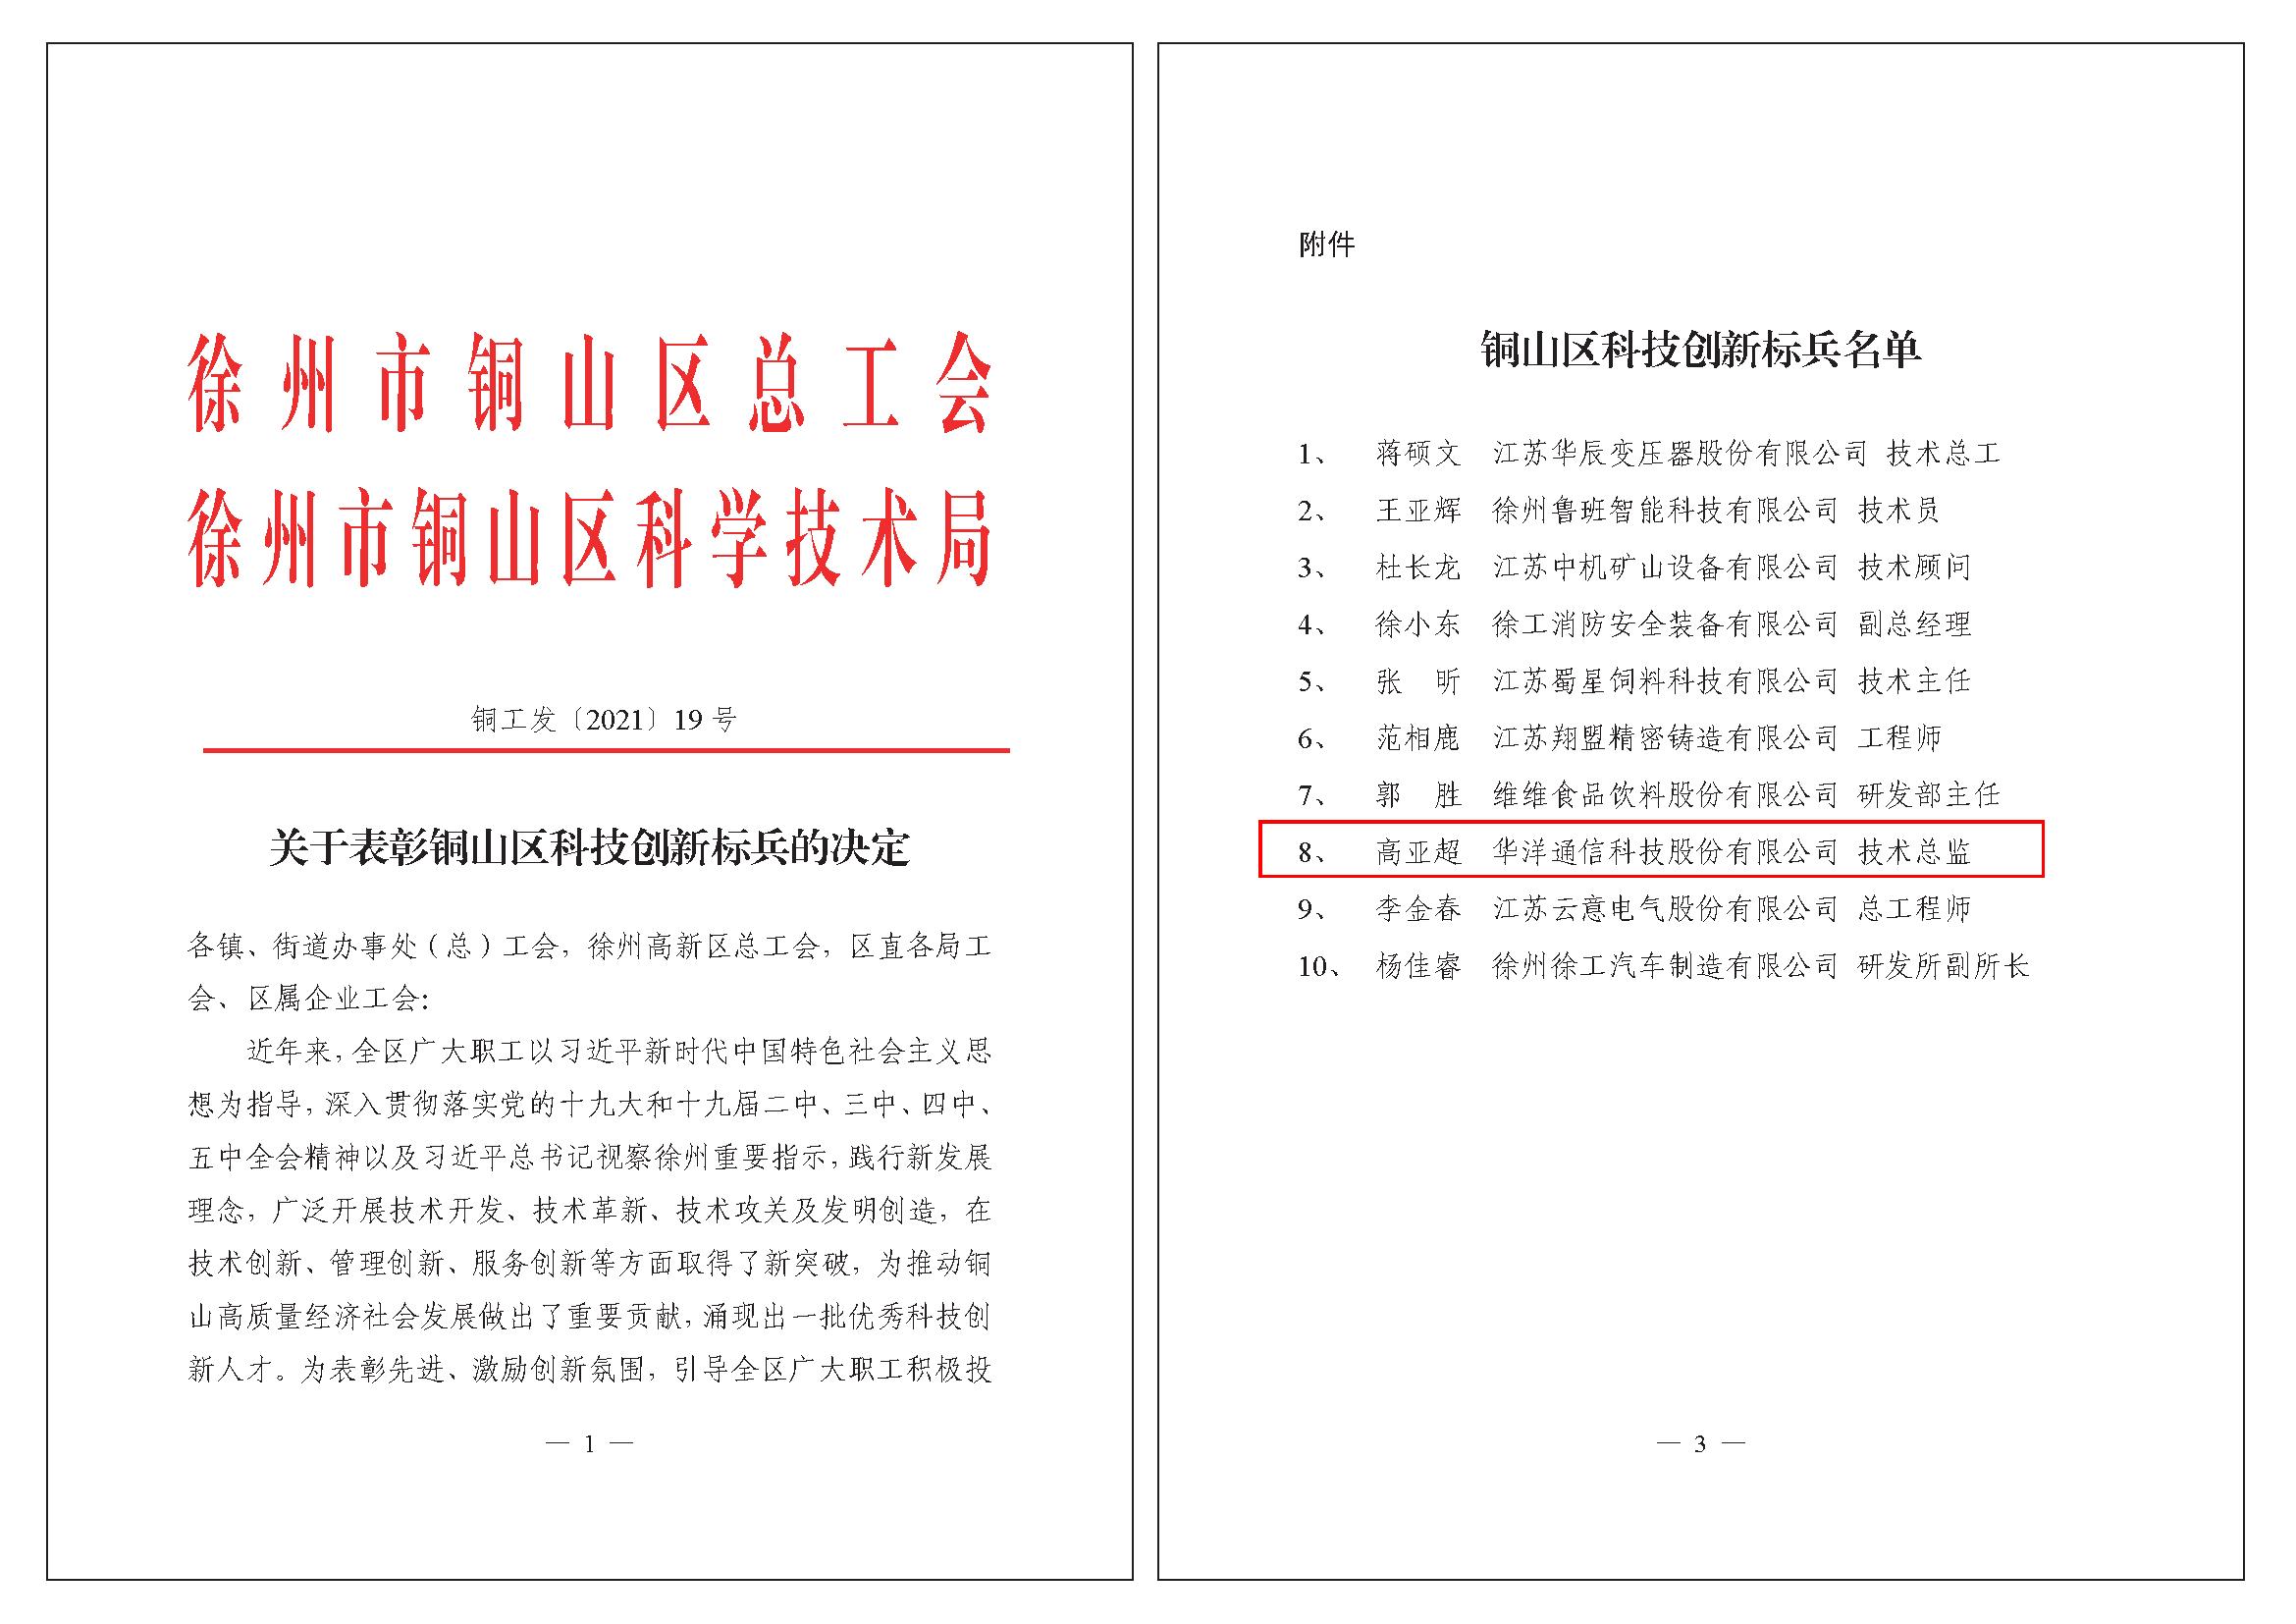 """華洋通信科技股份有限公司高亞超被授予""""銅山區科技創新標兵""""榮譽稱號"""